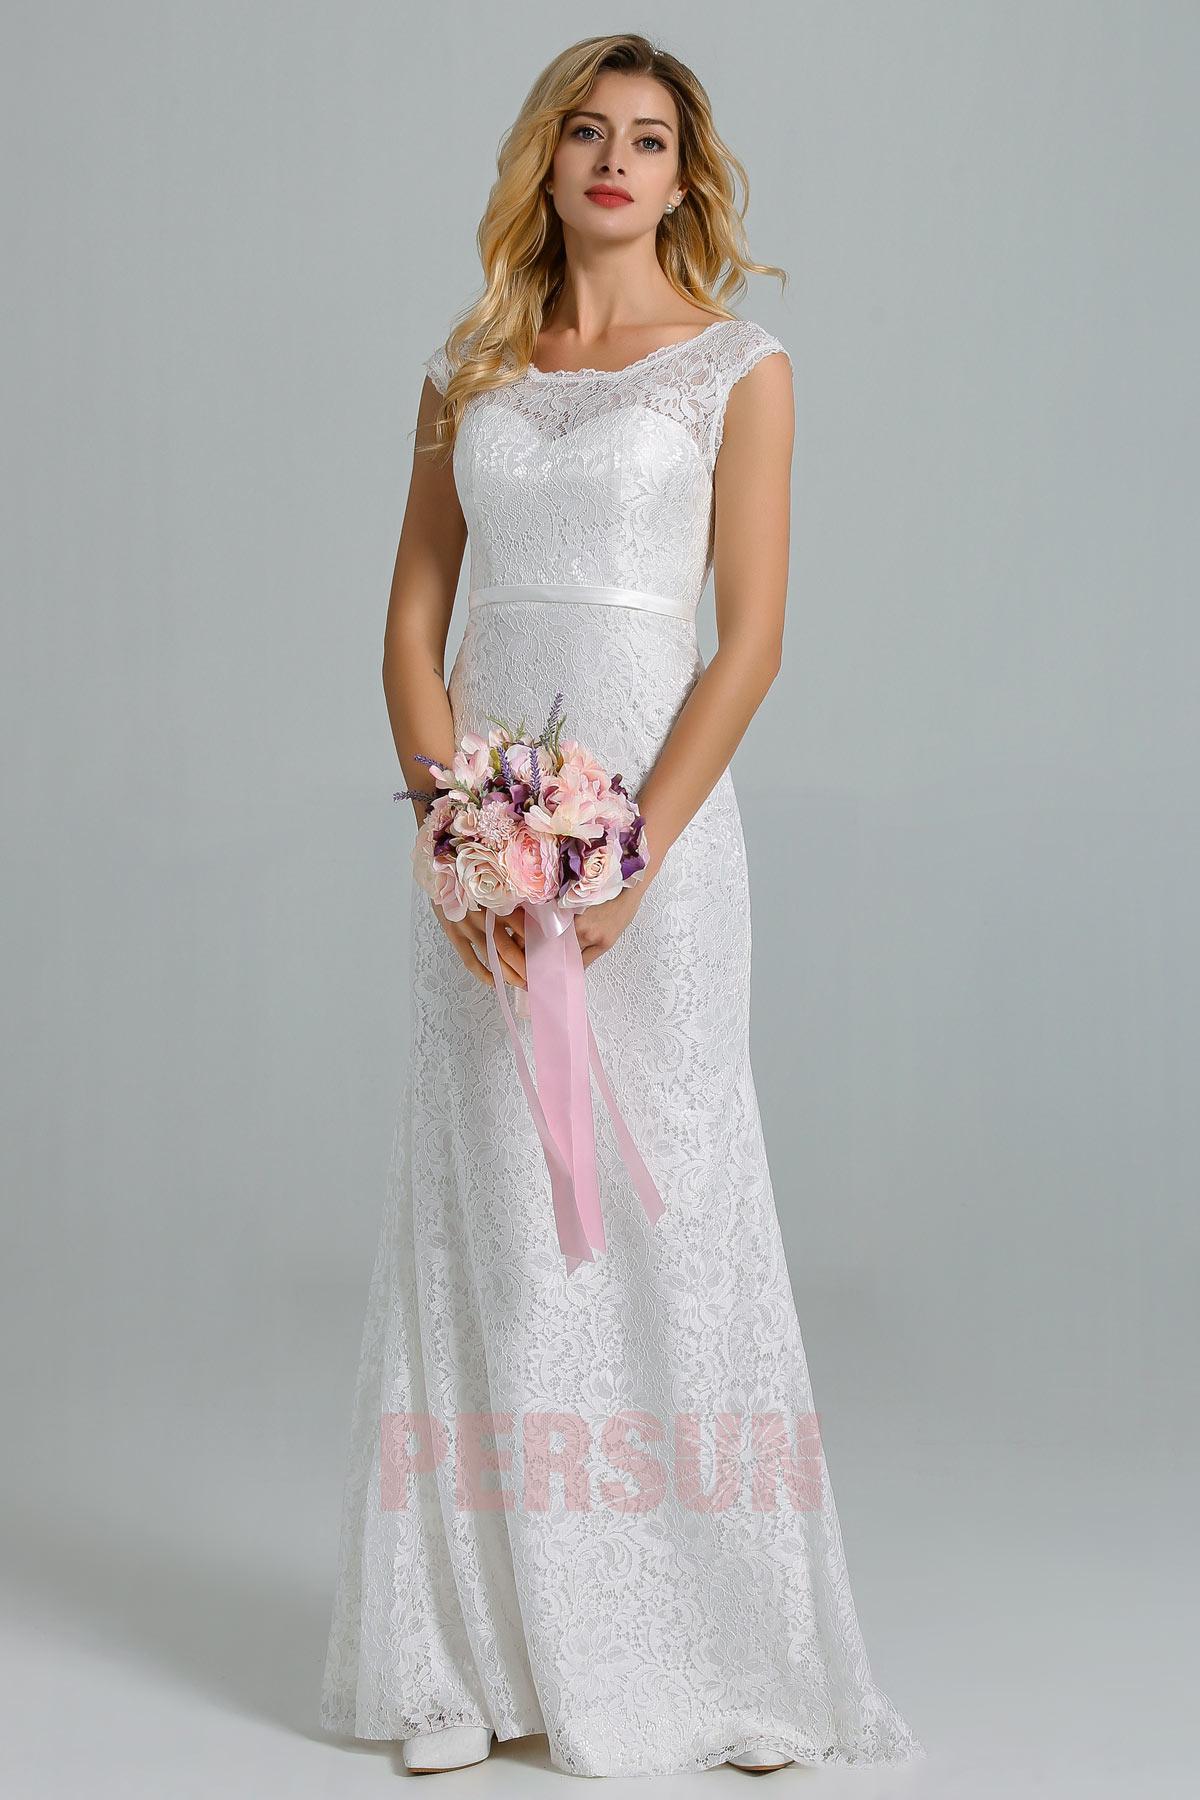 robe de mariée dentelle longue à encolure bateau coupe fourreau